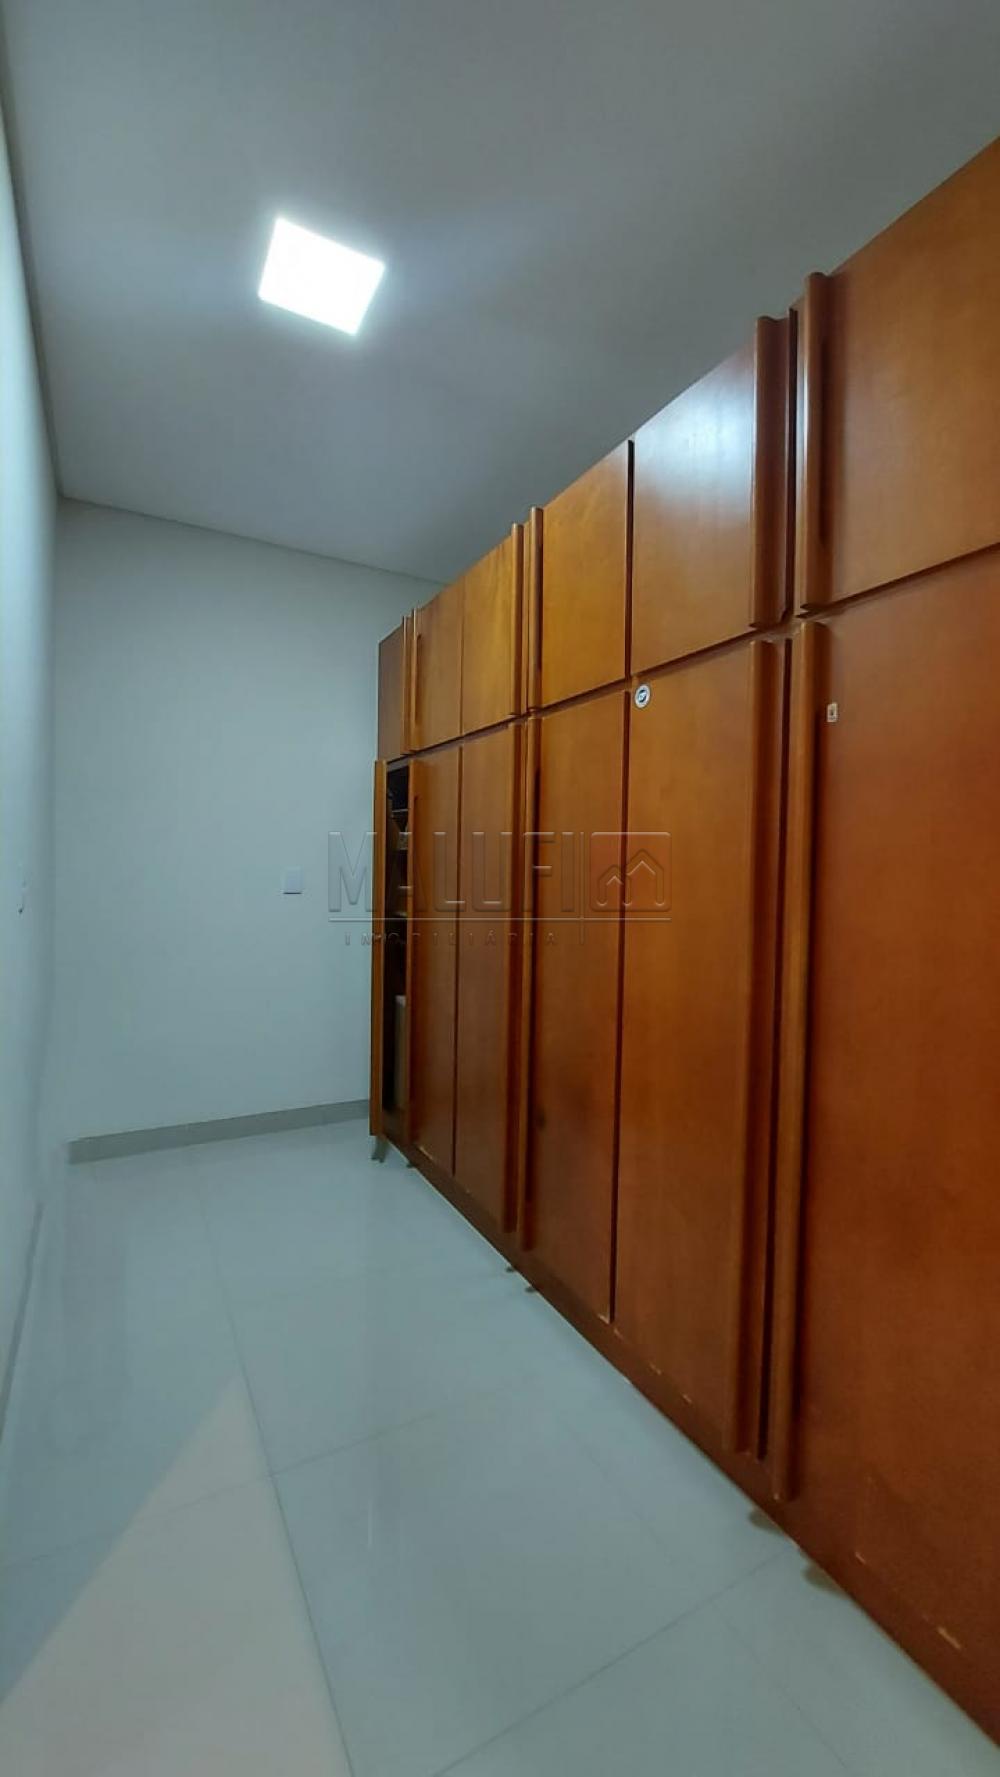 Comprar Casas / Padrão em Olímpia R$ 850.000,00 - Foto 31